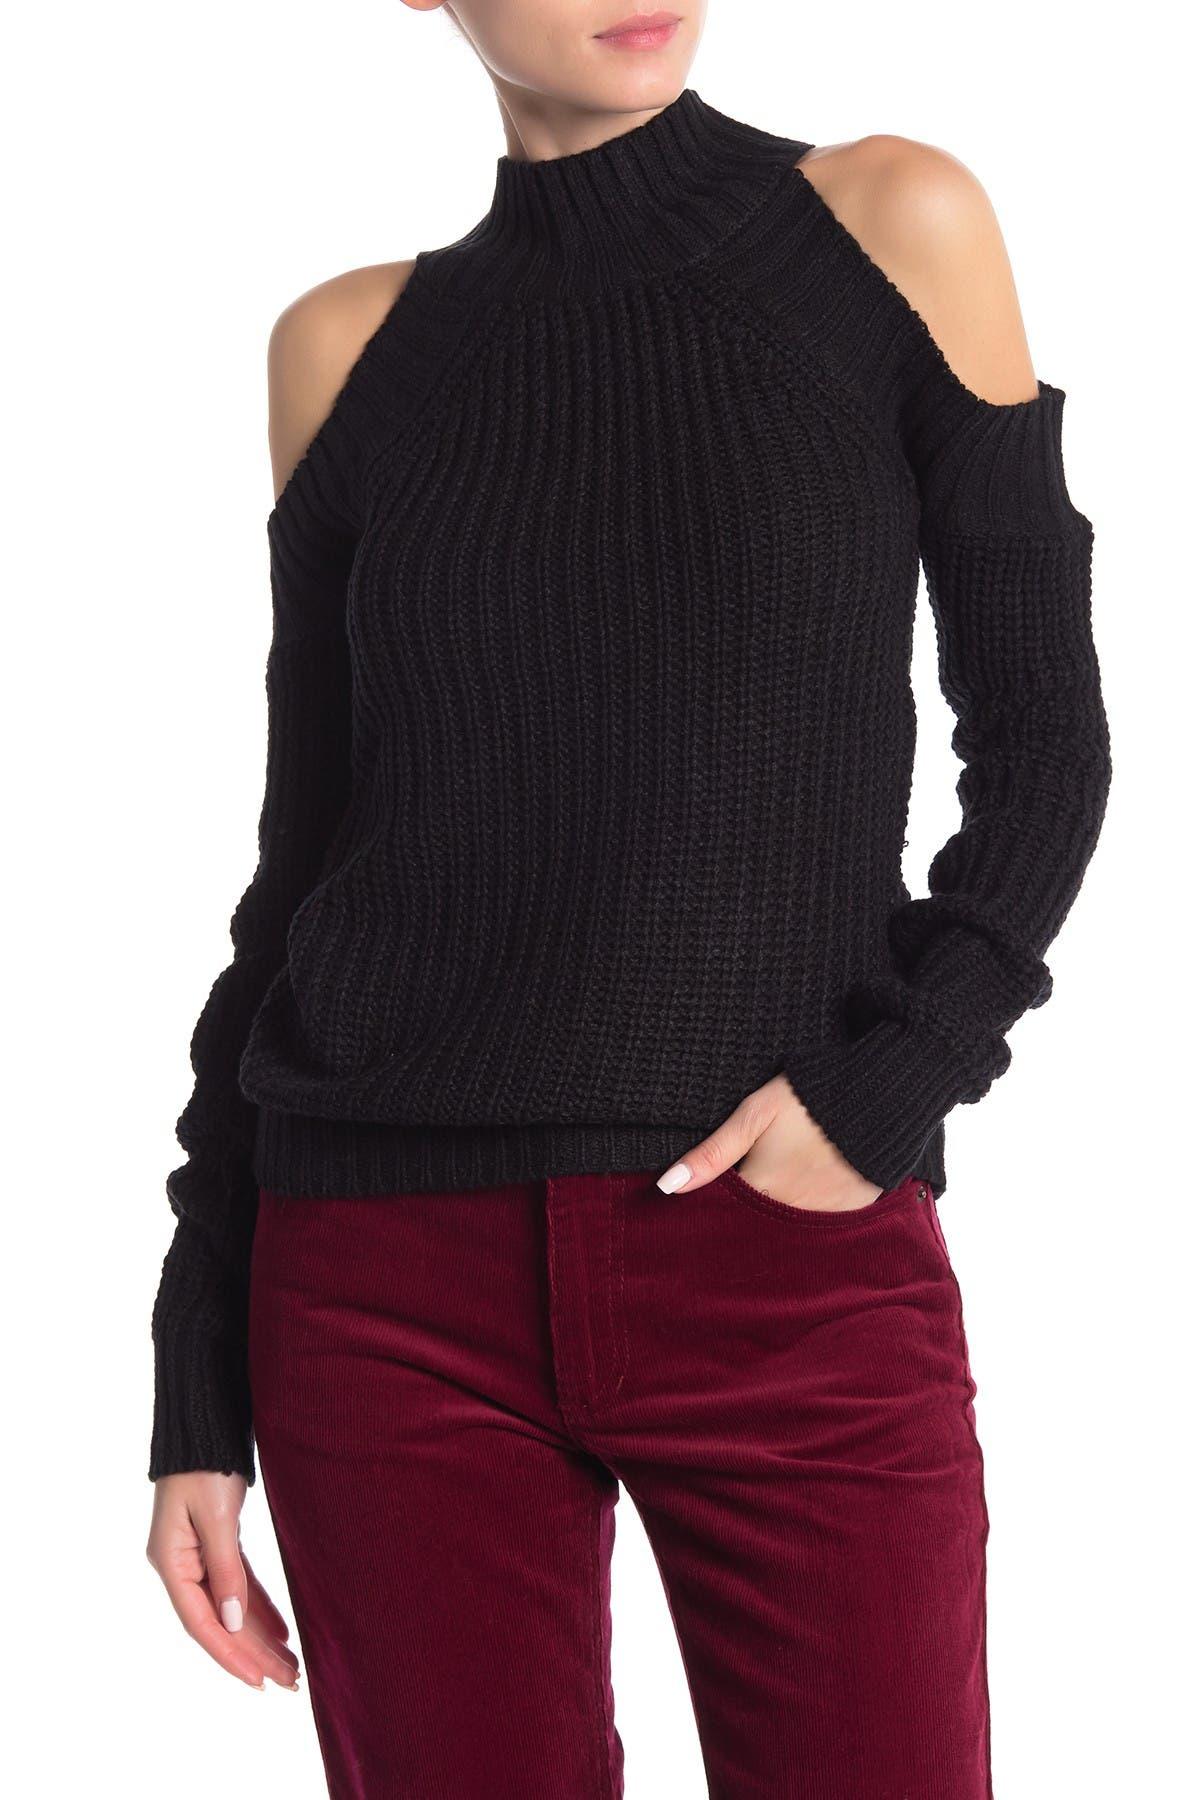 Image of Poof Cold Shoulder Mock Neck Knit Sweater